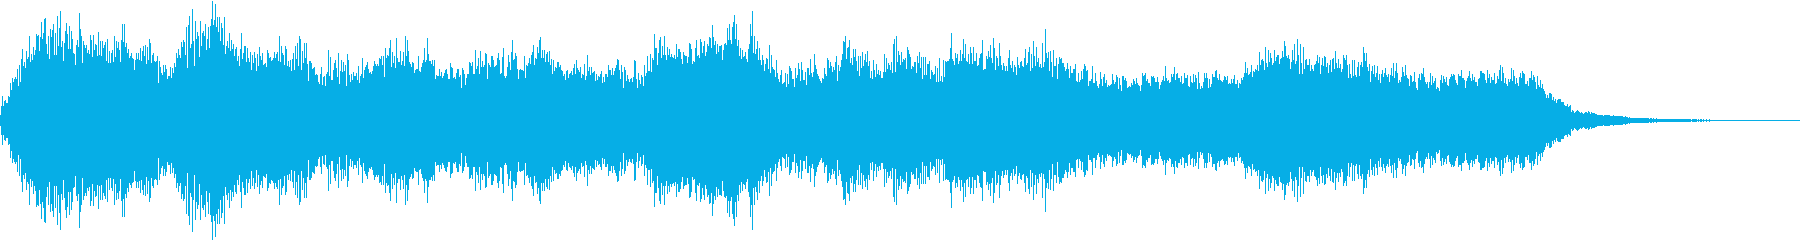 オーケストラによる厳かなジングルの再生済みの波形